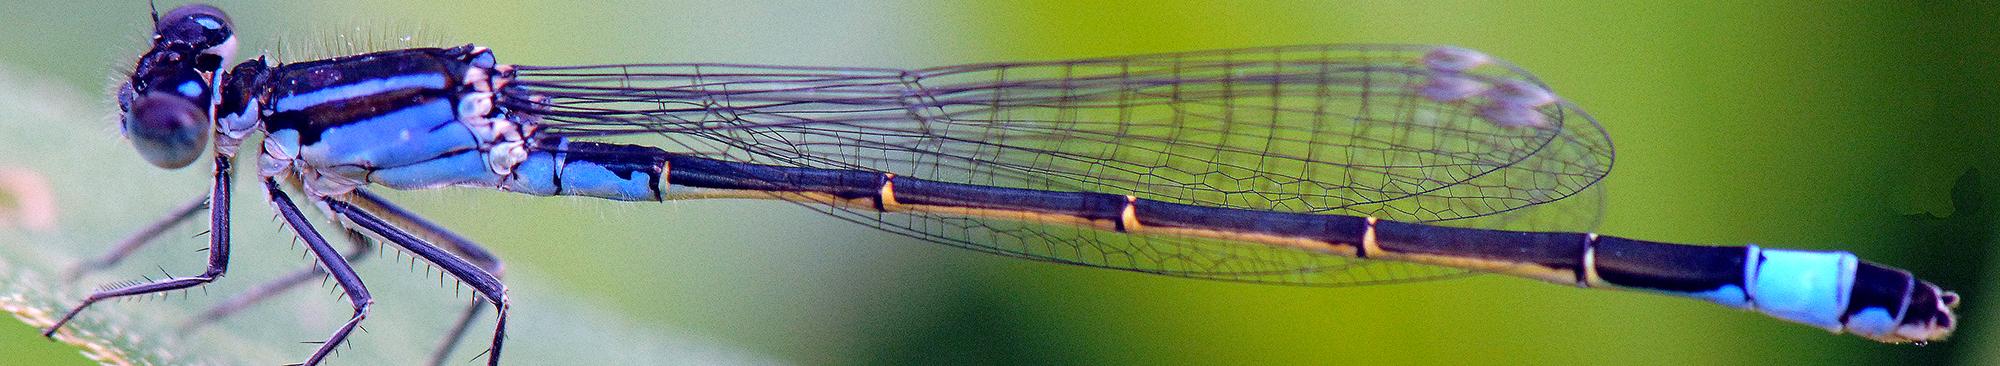 Azurjungfer Libelle